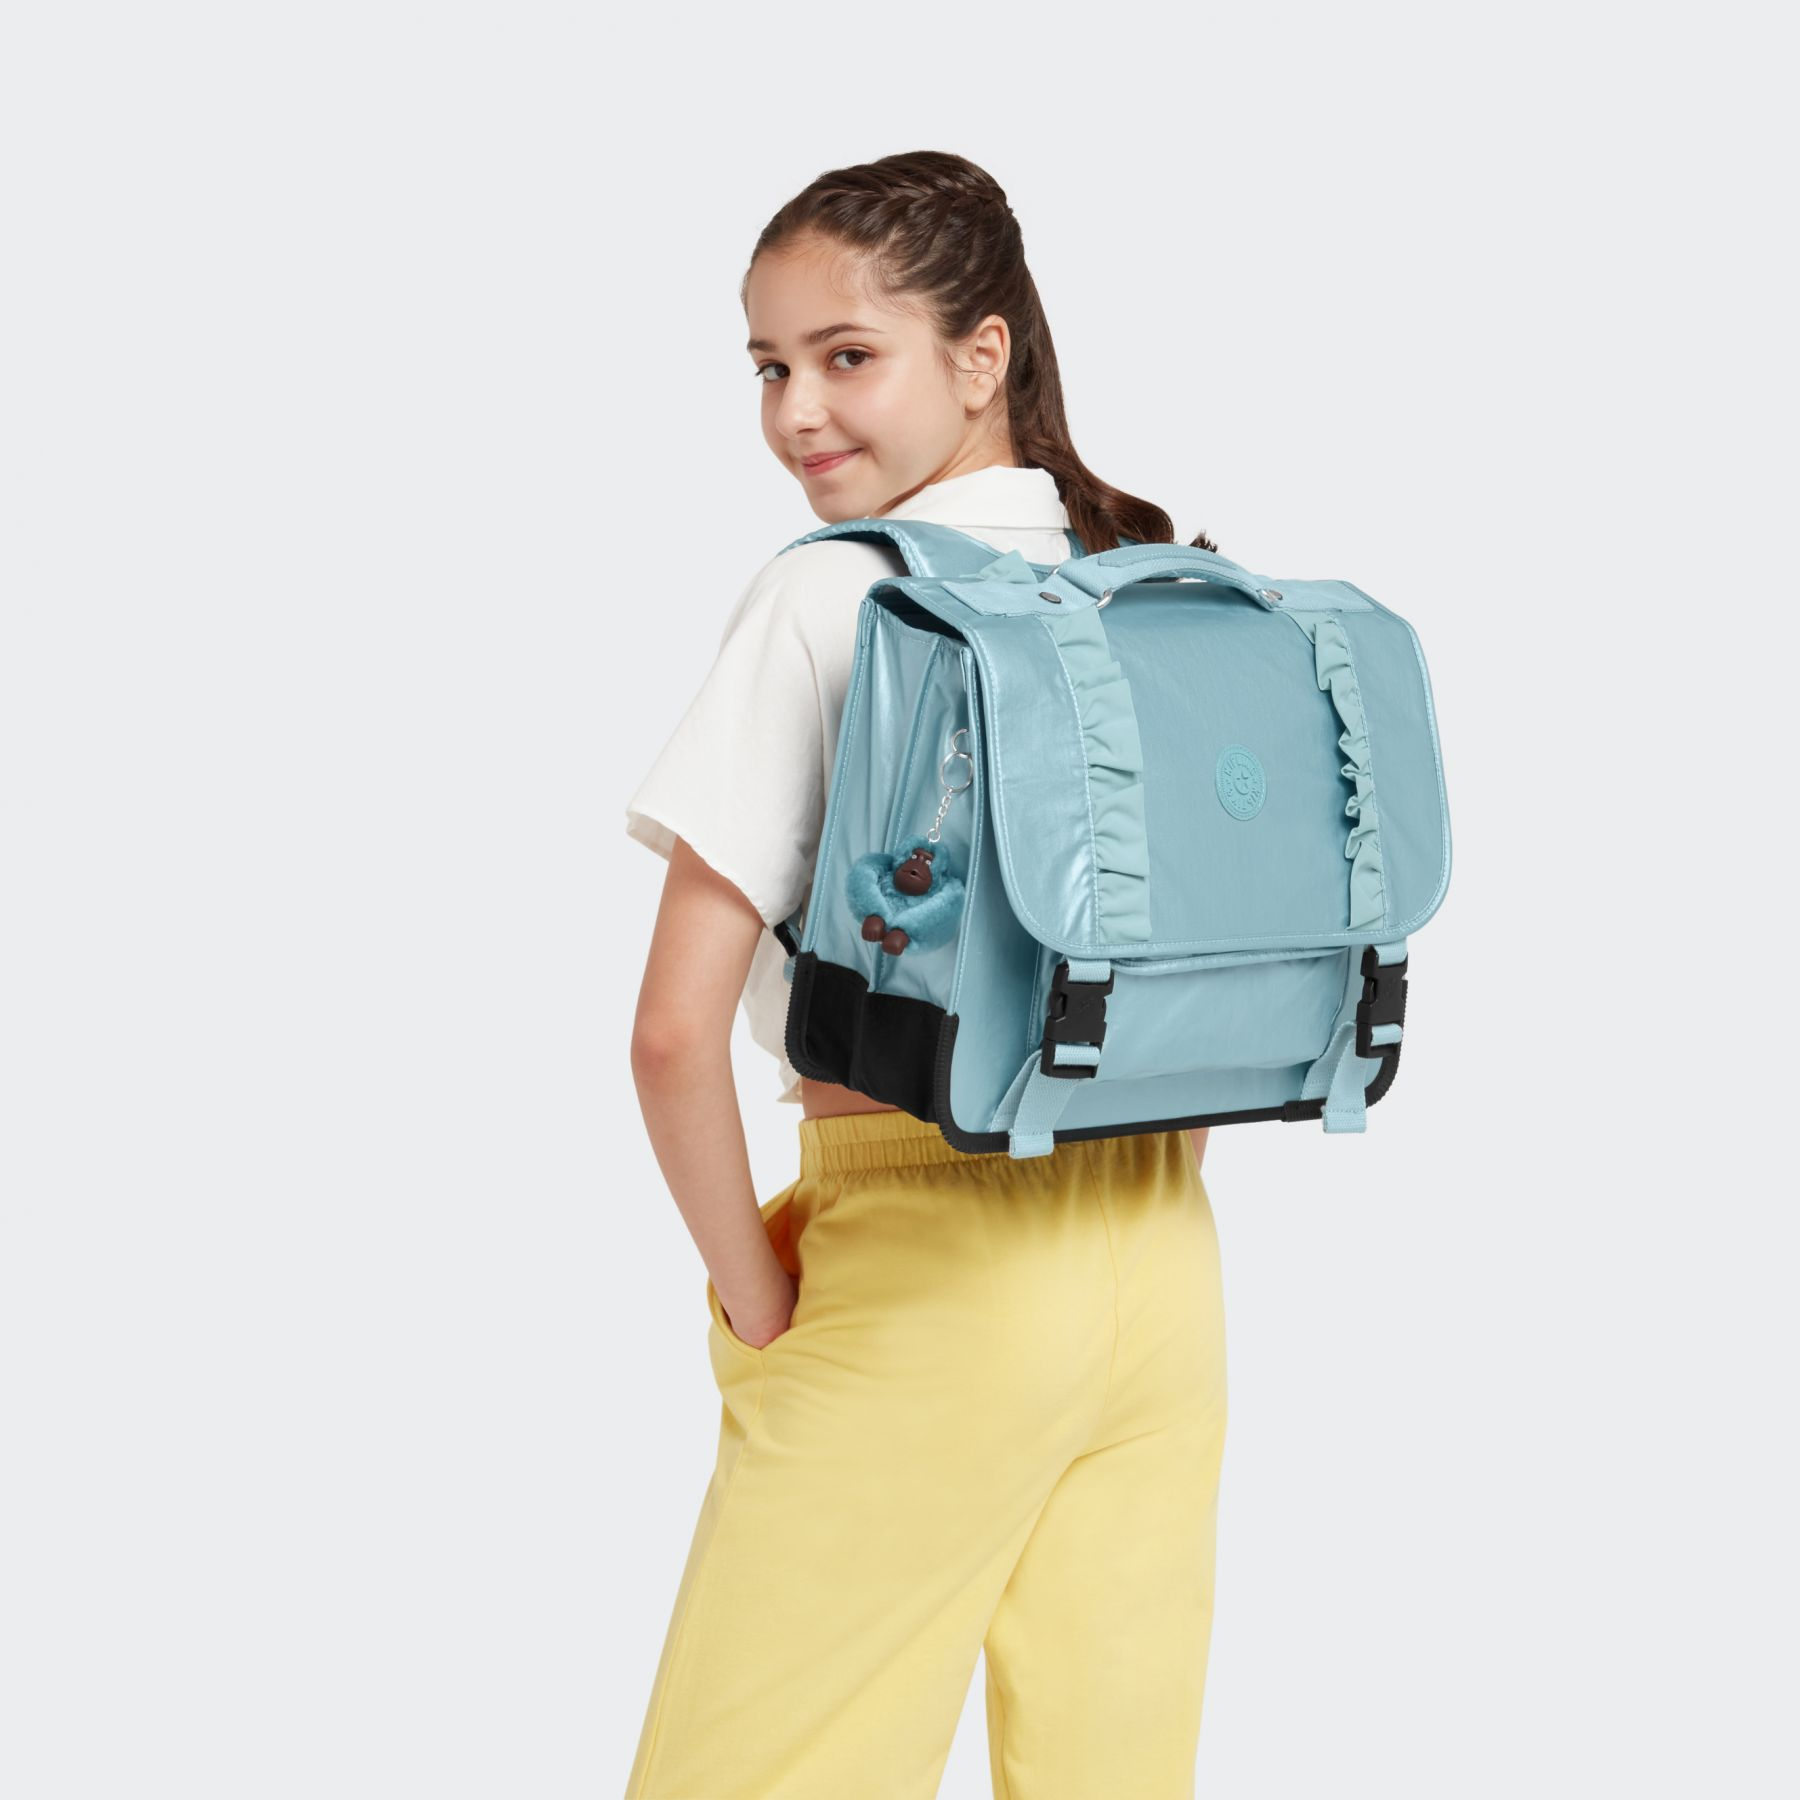 PREPPY TOO SCHOOL BAGS by Kipling - view 9